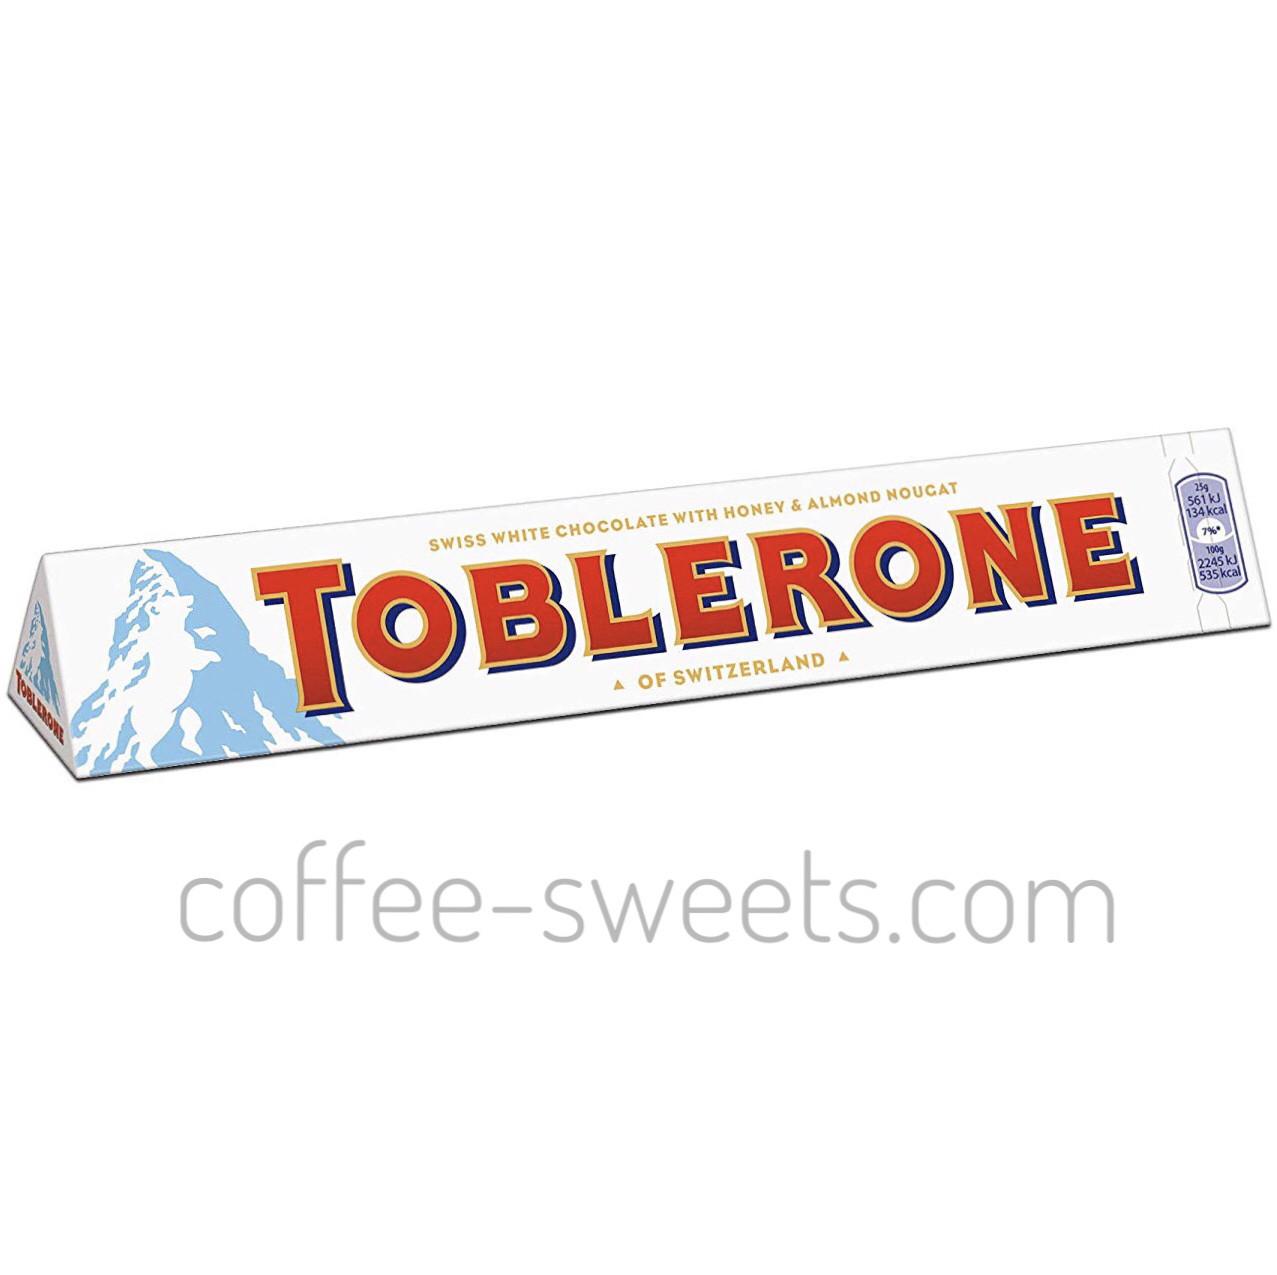 Шоколад Toblerone білий з нугою з меду і мигдалем 100 гр